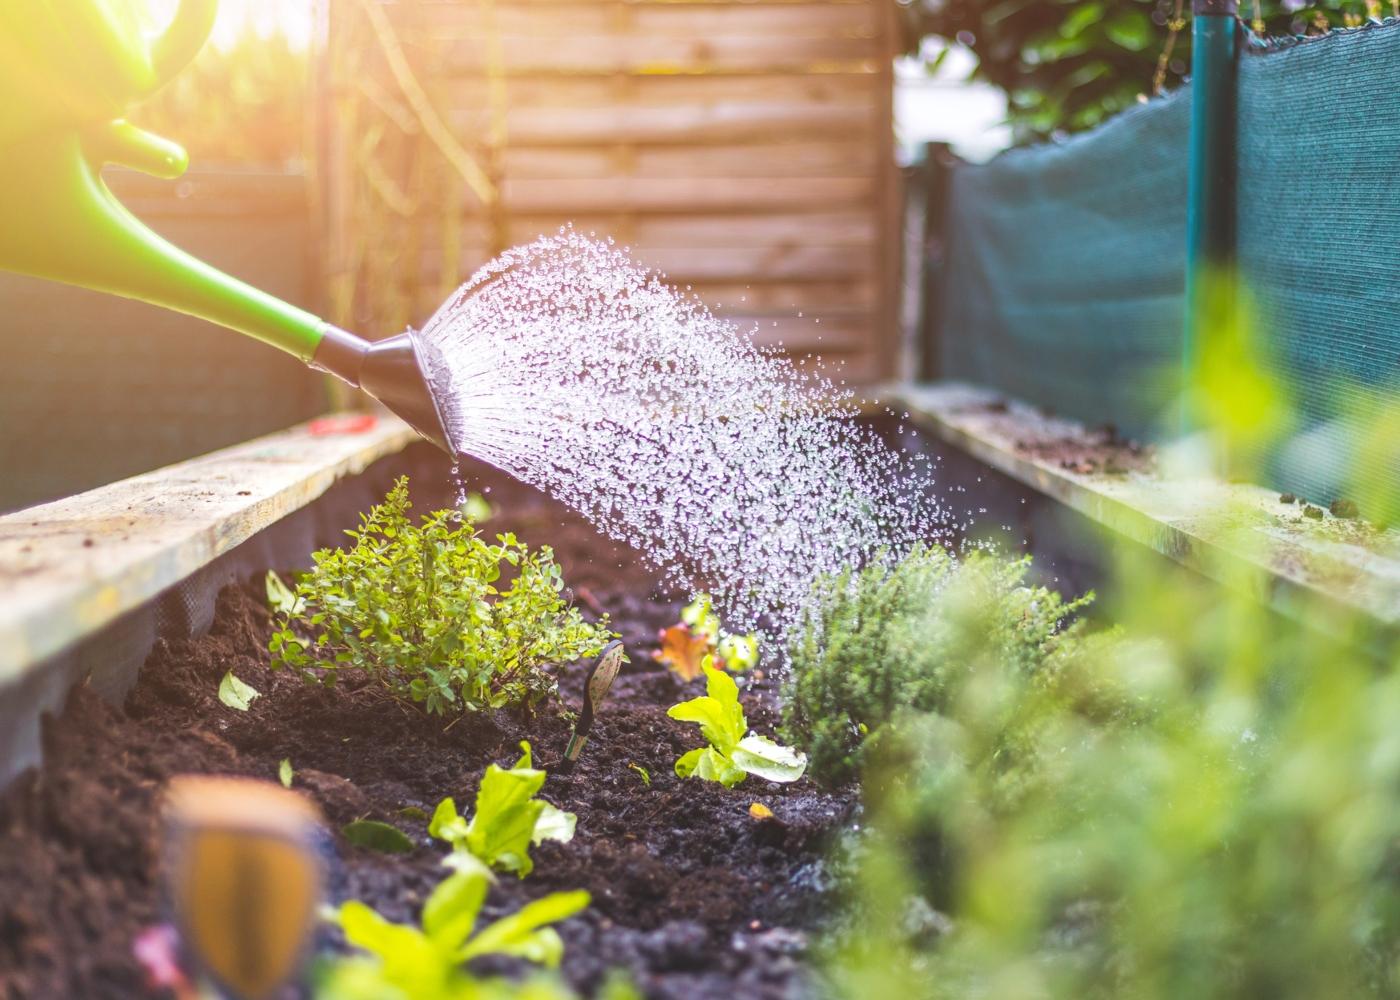 Mulher a regar plantas no jardim